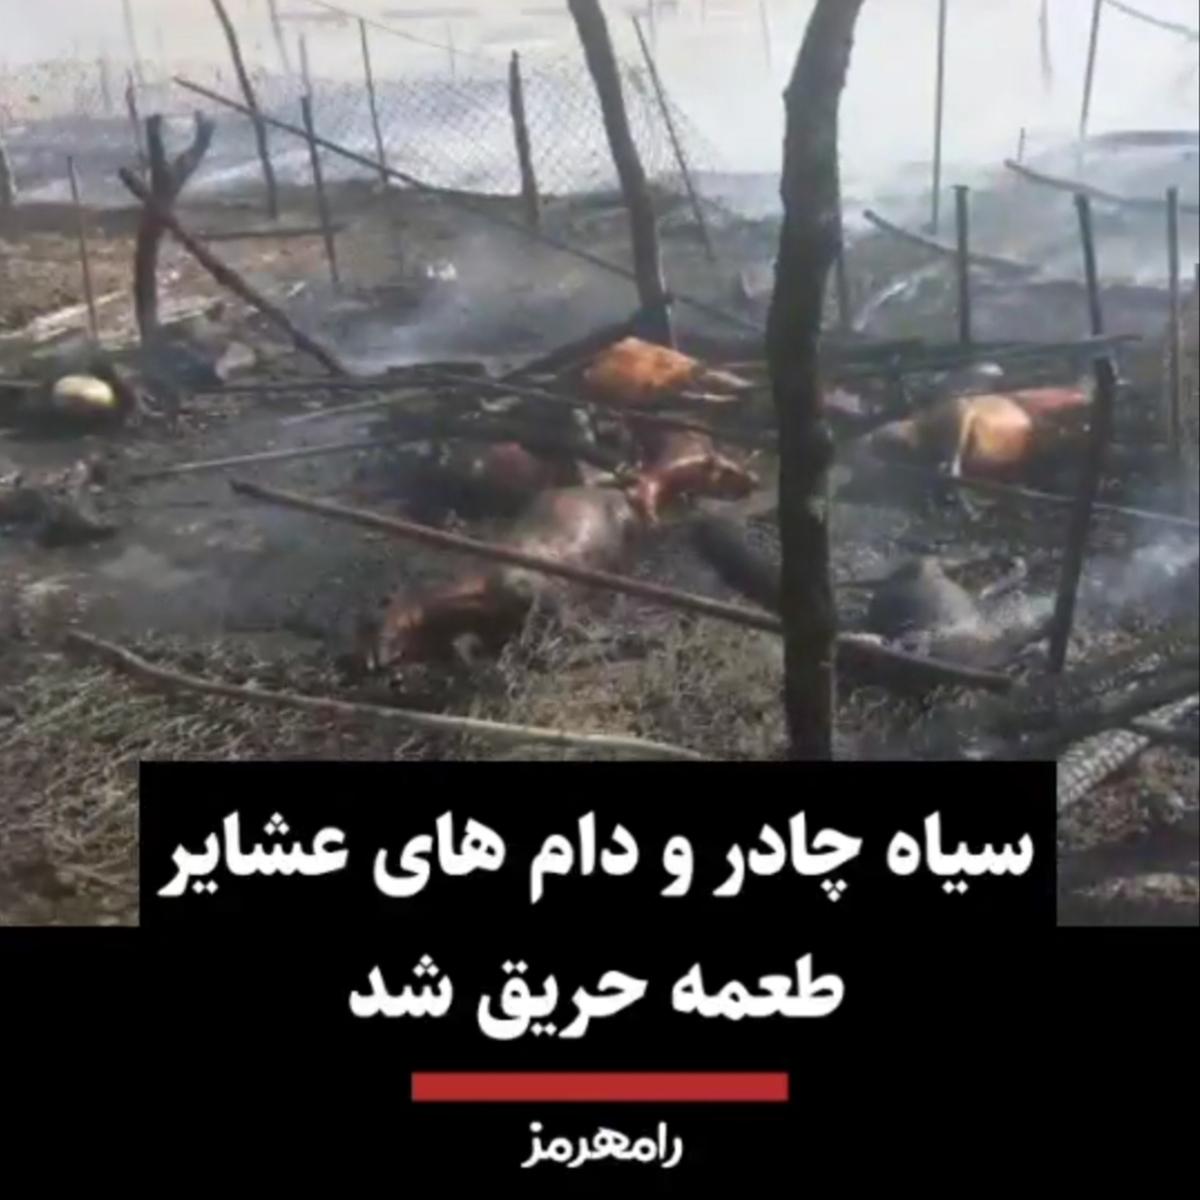 سیاه چادر و دام های عشایر طعمه حریق شد + ویدئو